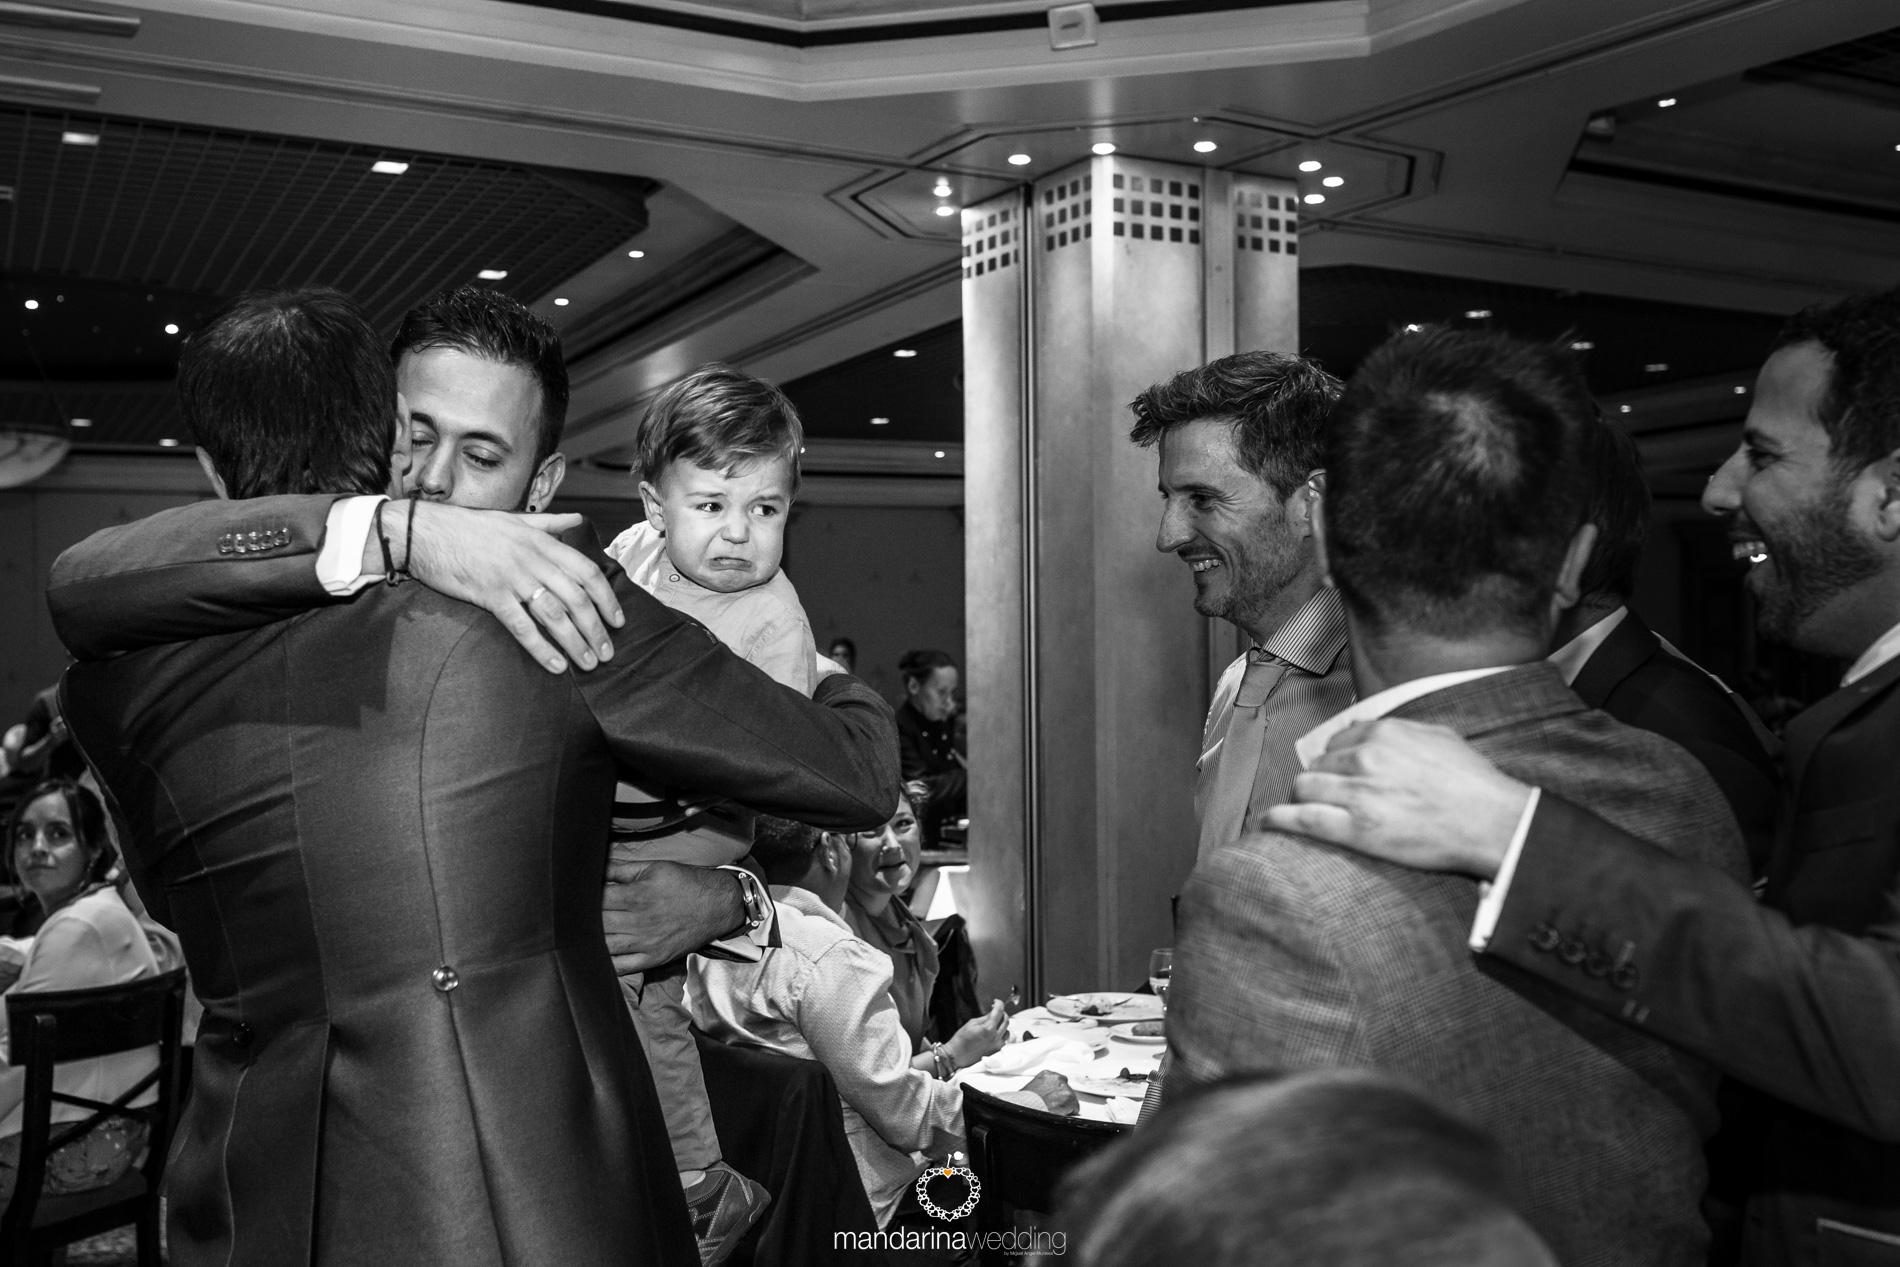 mandarina wedding, fotografo de boda, fotografo boda soria, fotografo boda barcelona, fotografo boda Madrid, fotografo boda lerida, fotografo boda Huesca, fotografo de destino_017